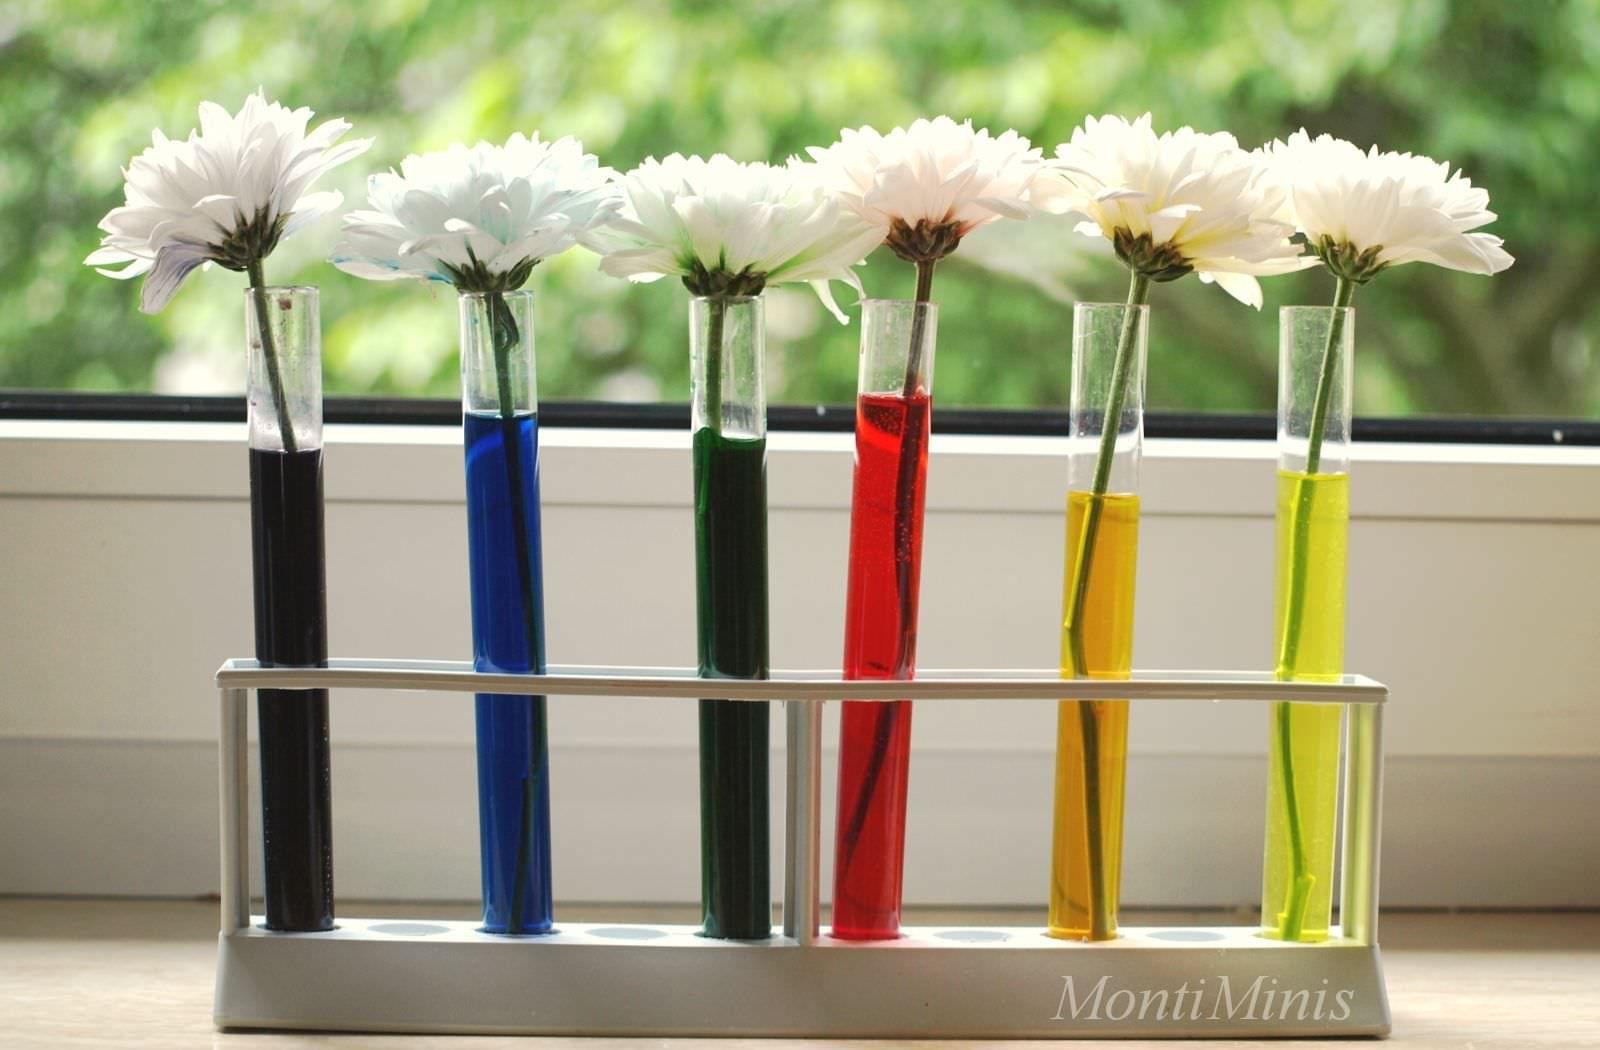 Regenbogenblumen - Experimentieren mit Farben - Montessori Blog - MontiMinis #kitaräume